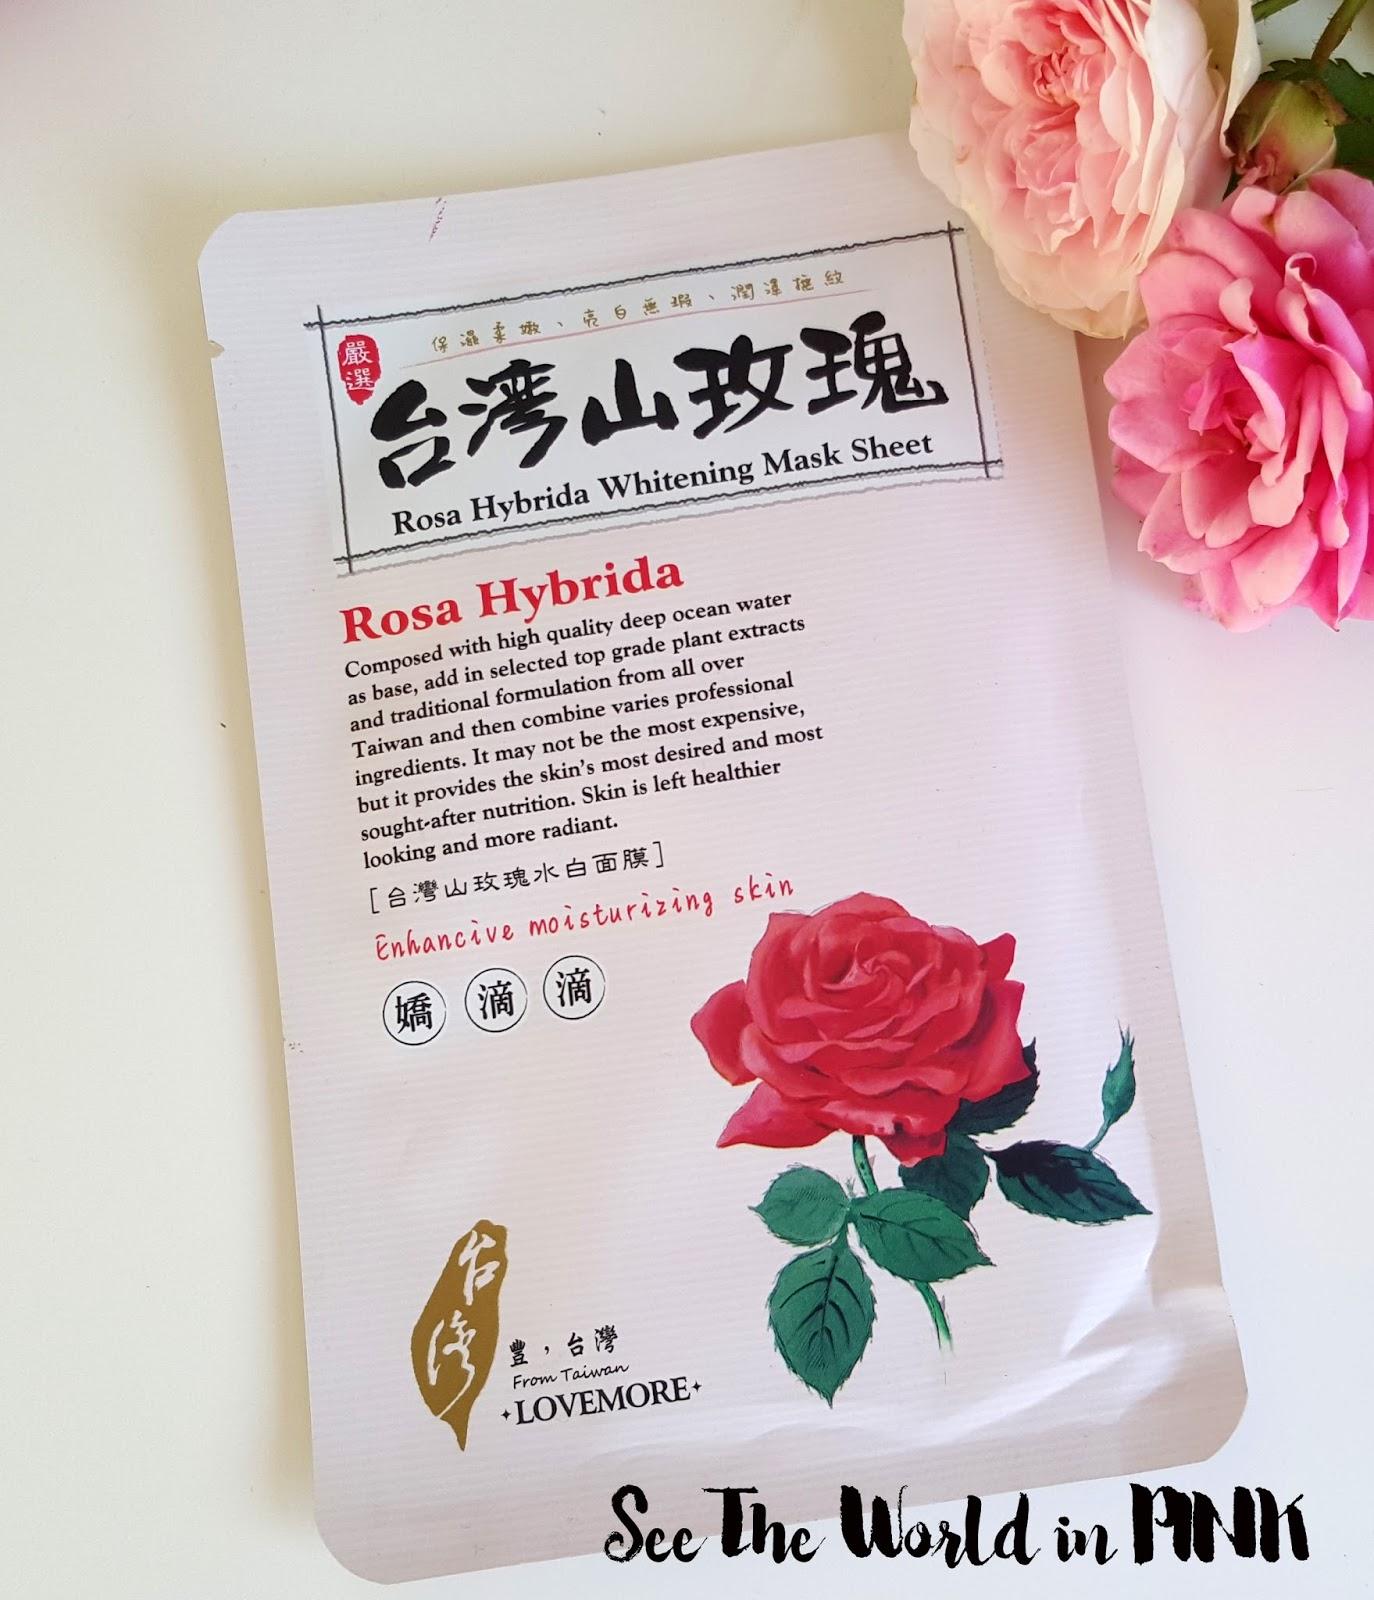 Lovemore Rosa Hybrida Whitening Mask Sheet